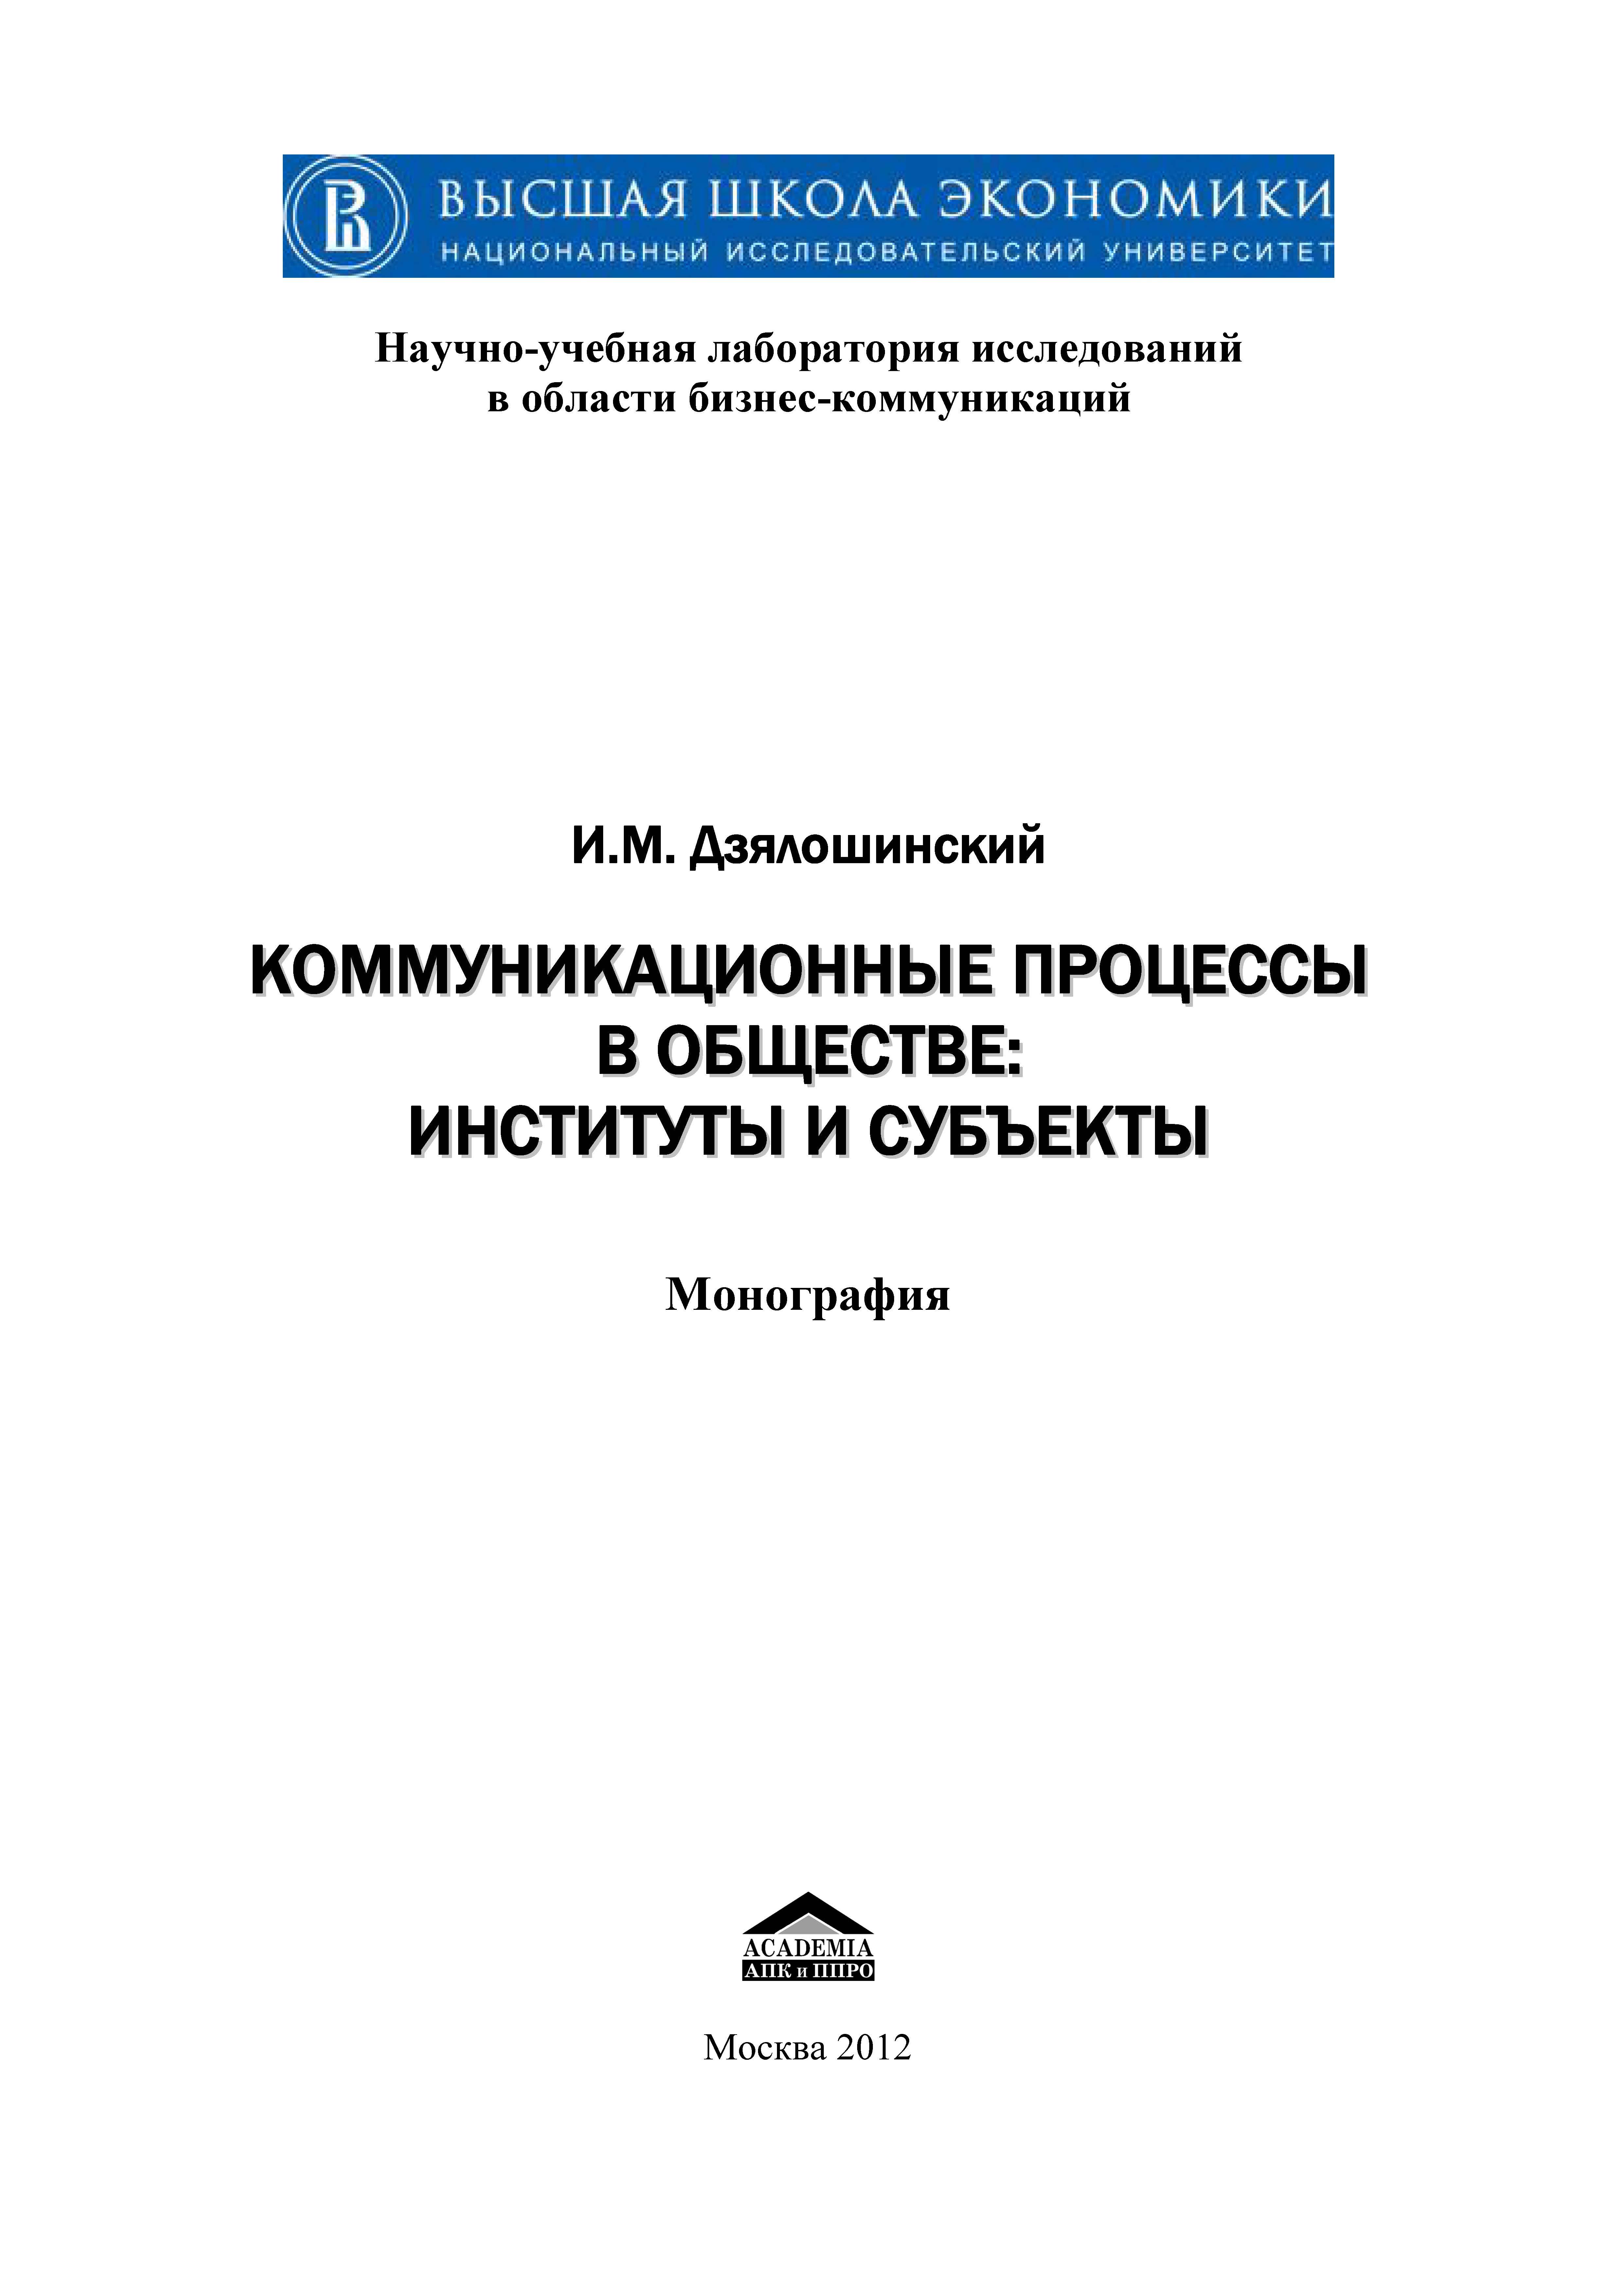 Коммуникационные процессы в обществе: институты и субъекты